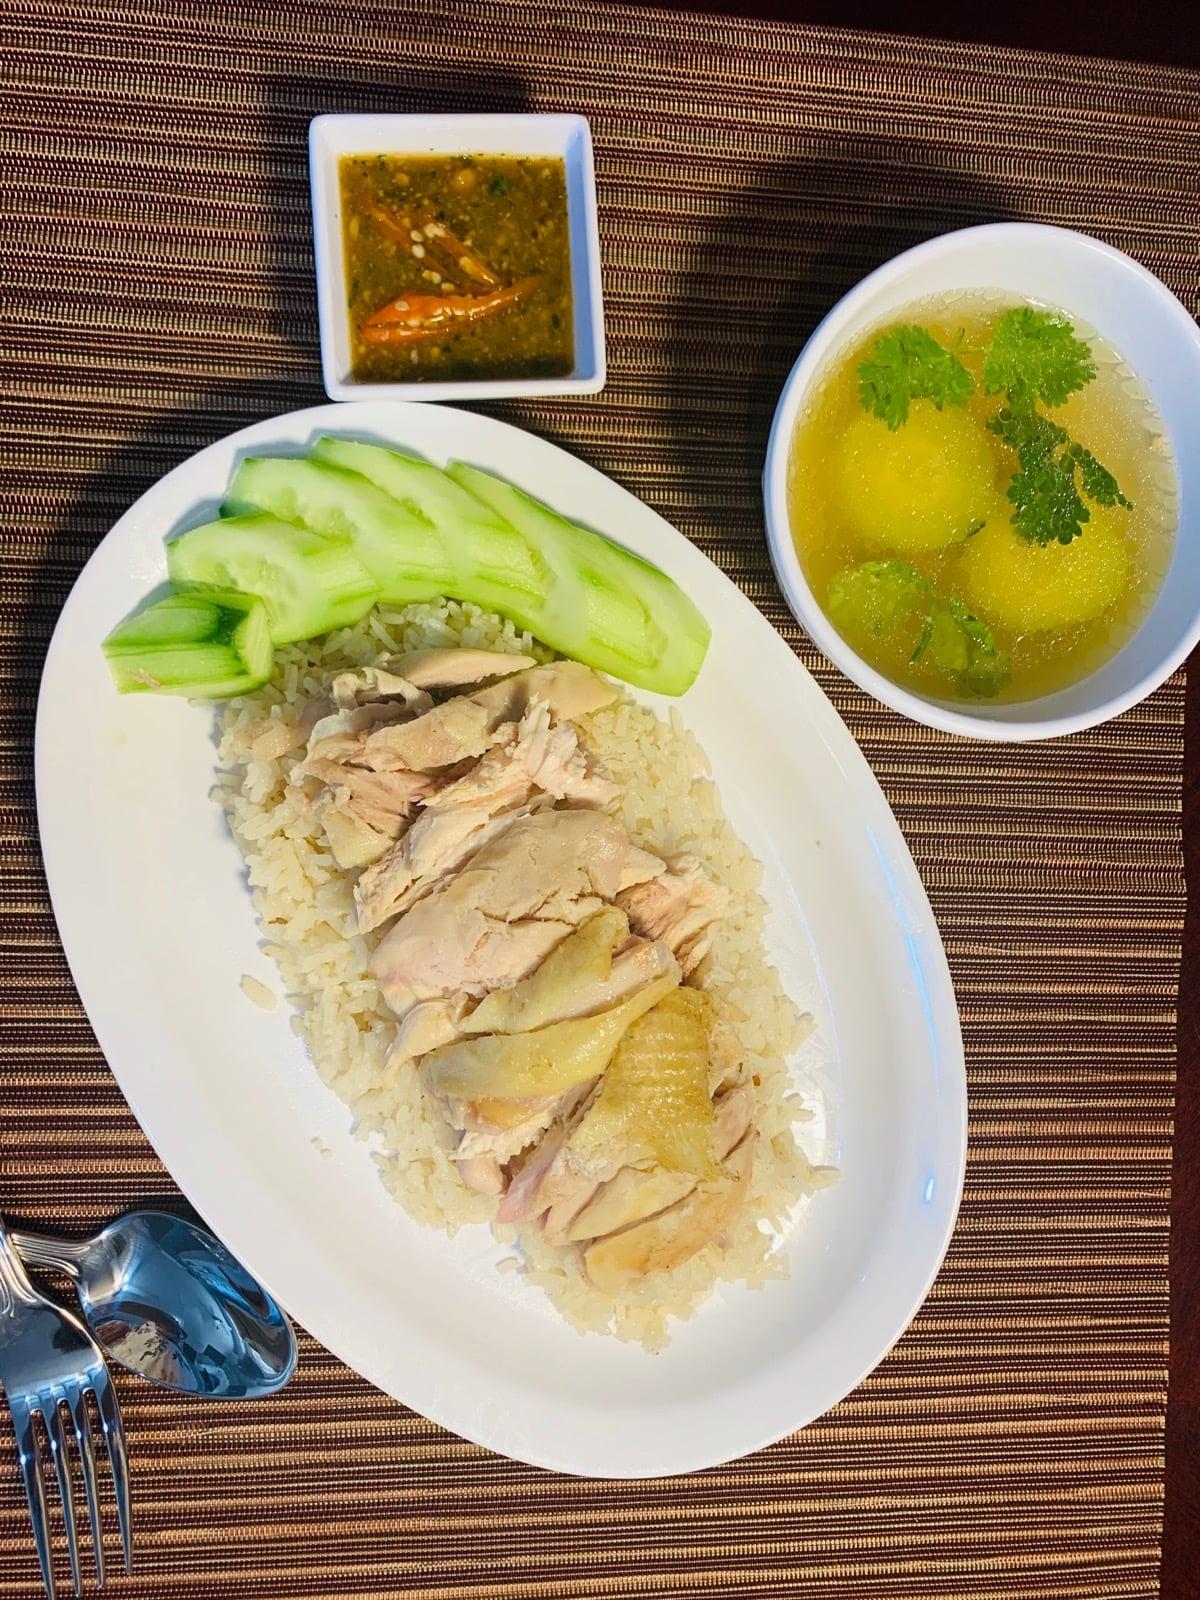 A chicken dish